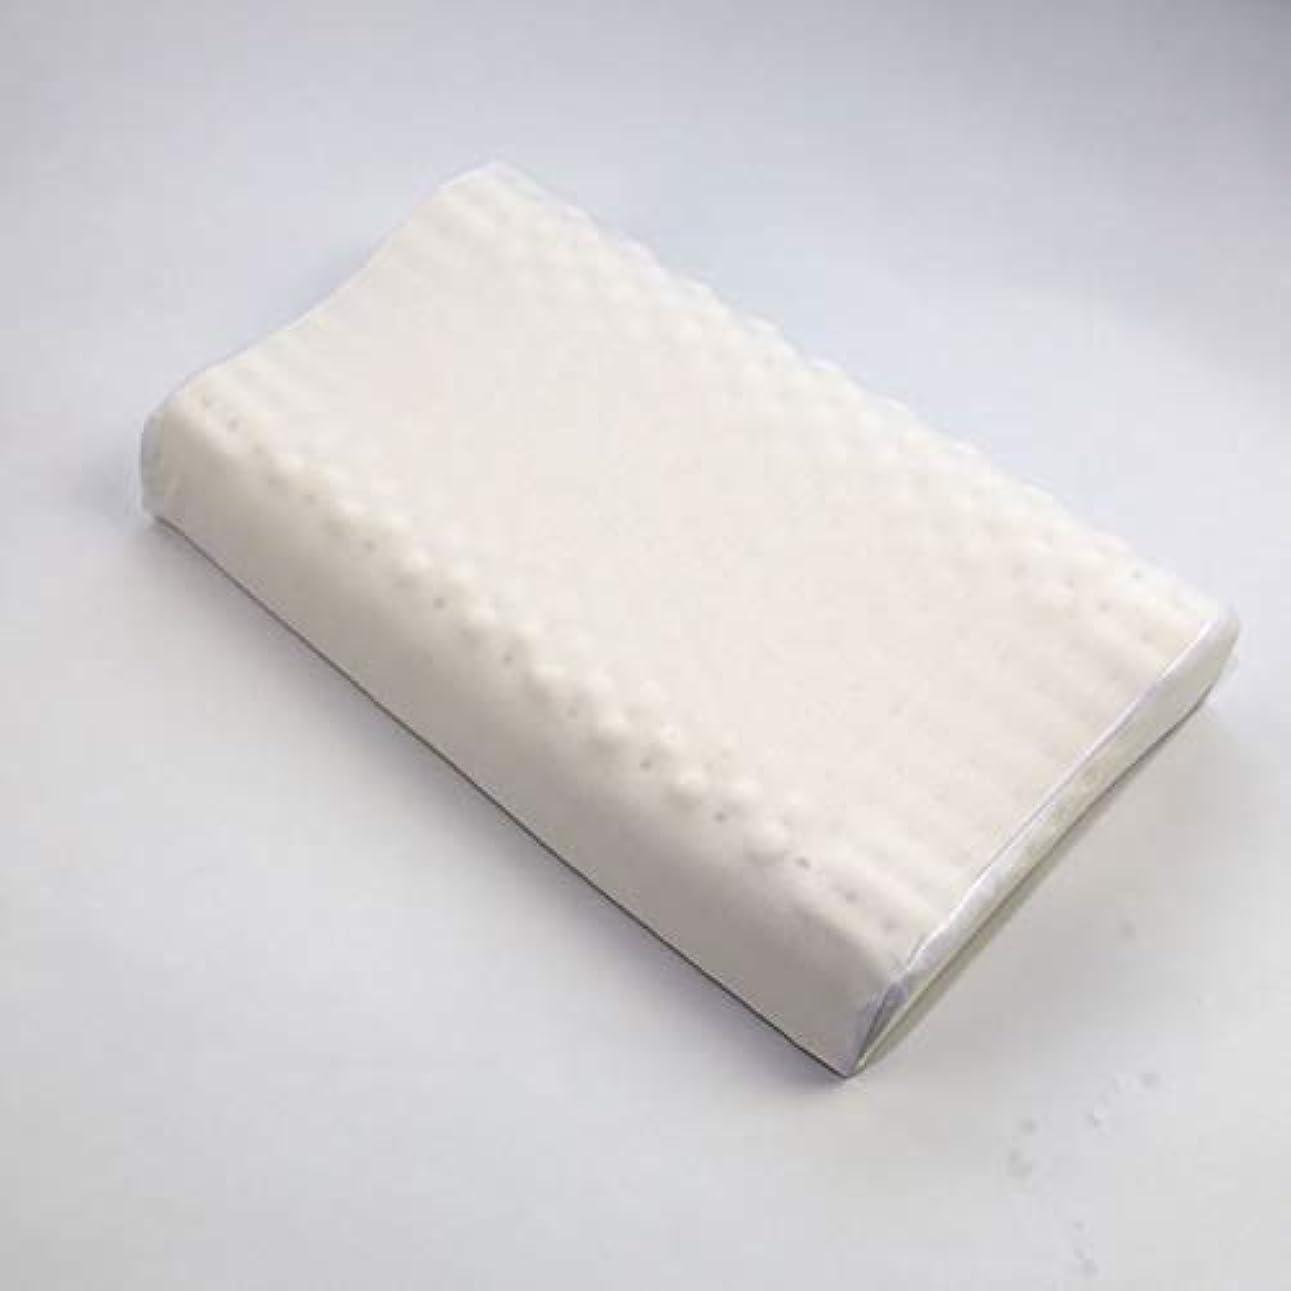 経験的購入釈義粘弾性枕低反発枕,伸縮性に富んだ天然ラテックス枕は、横になったときに首や肩にフィットします,40*60